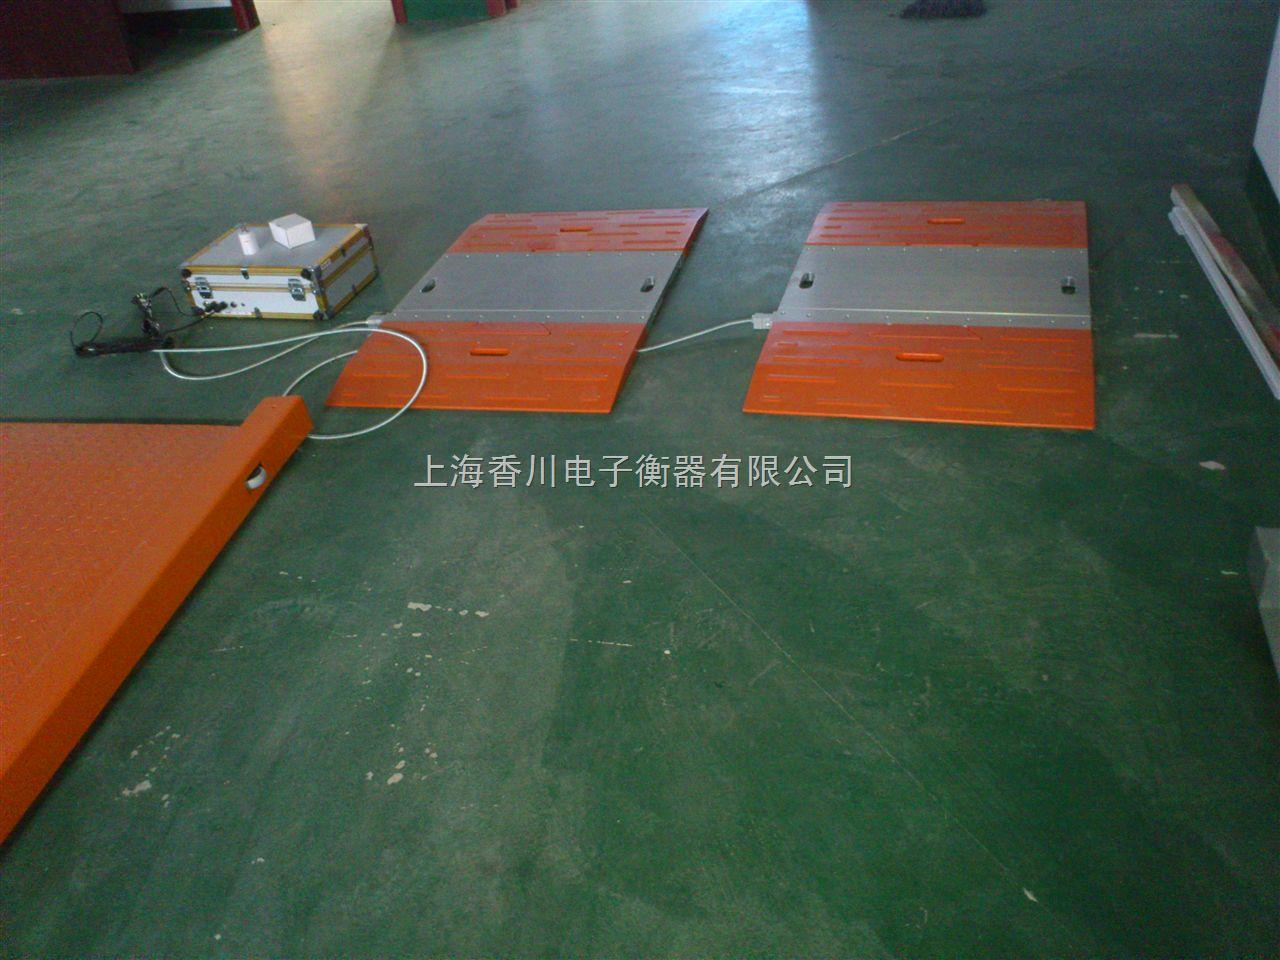 香川新品上架100吨便携式轴重秤;120吨便携式汽车磅秤;150吨便携式地磅 为您所用!